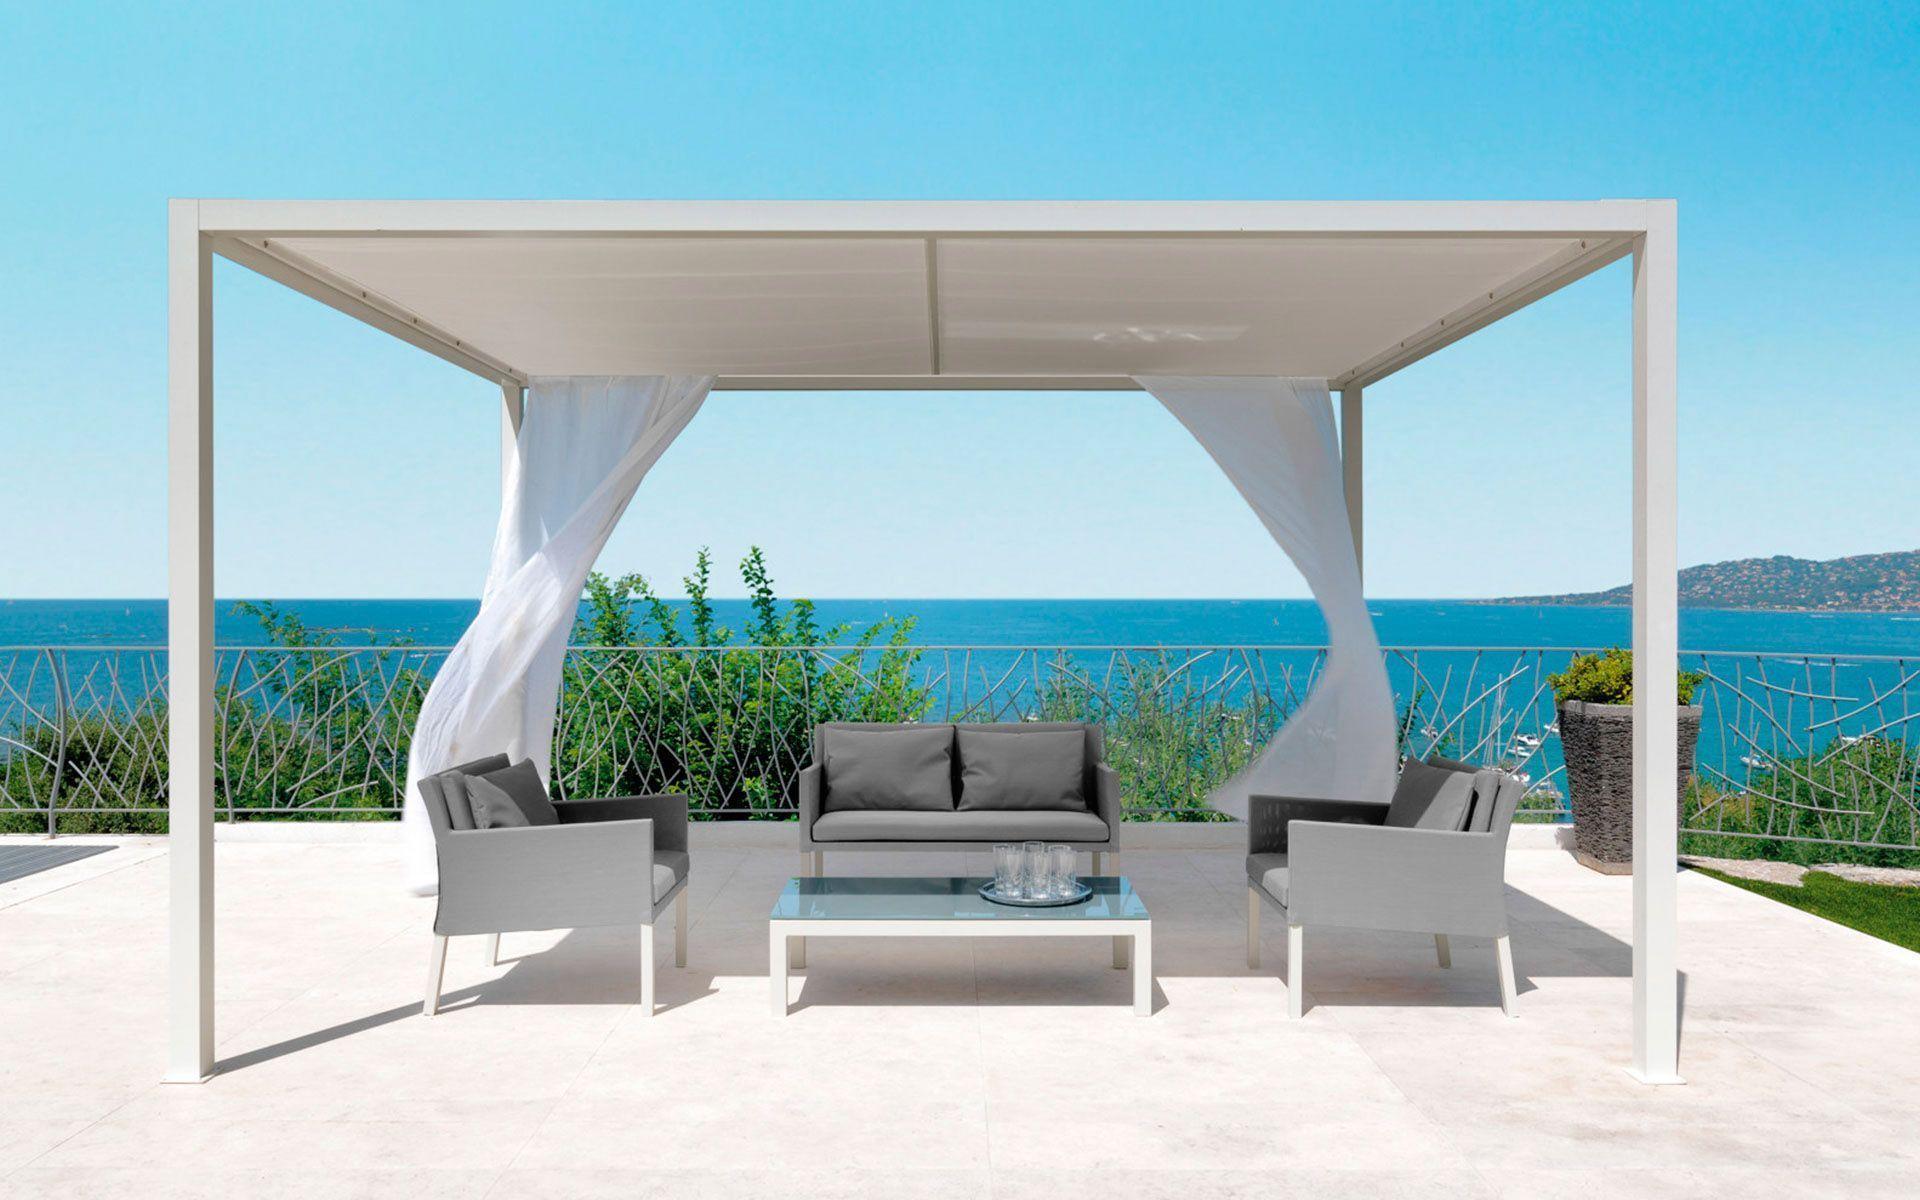 Muebles de lujo para exterior terrazas jardines